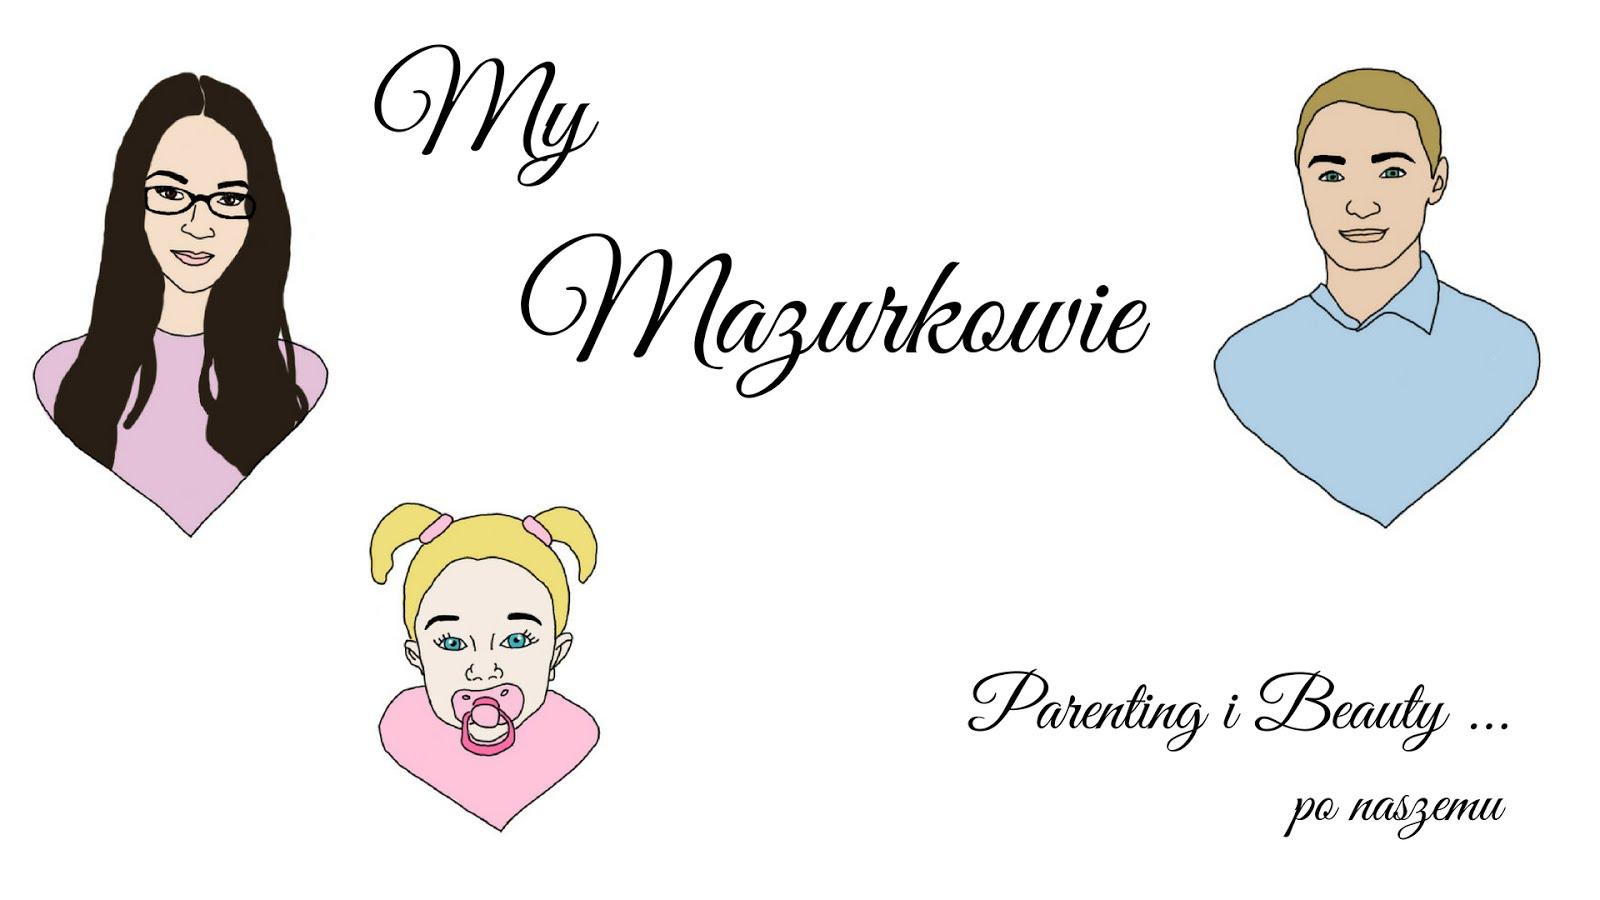 My Mazurkowie